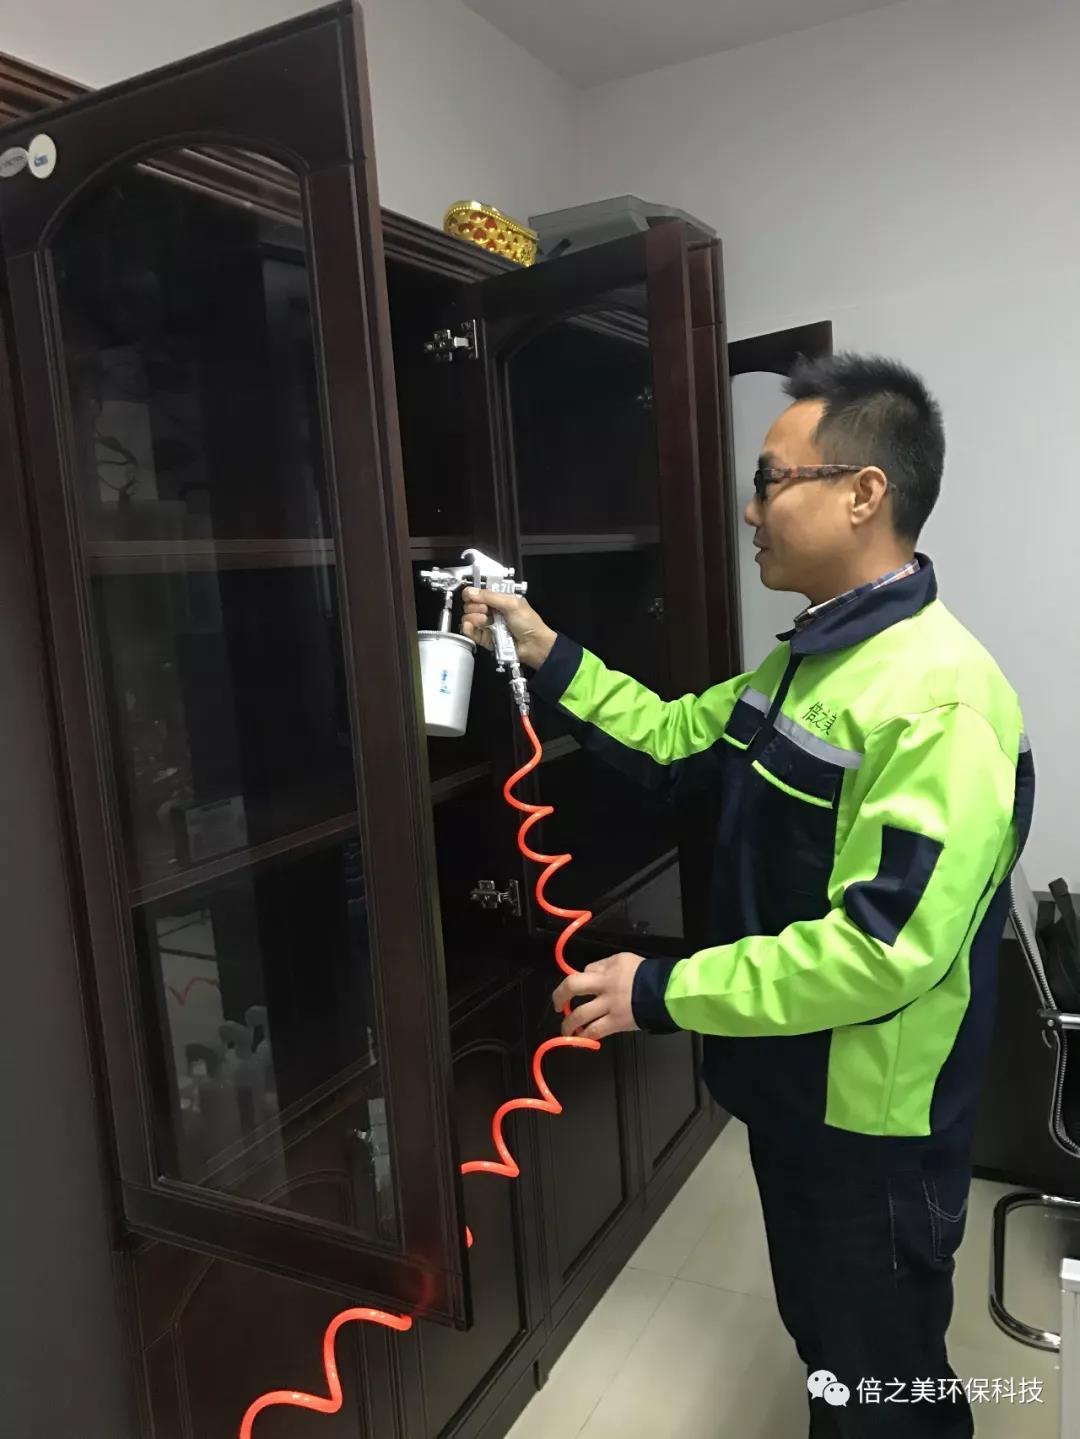 http://www.jienengcc.cn/jienenhuanbao/139429.html